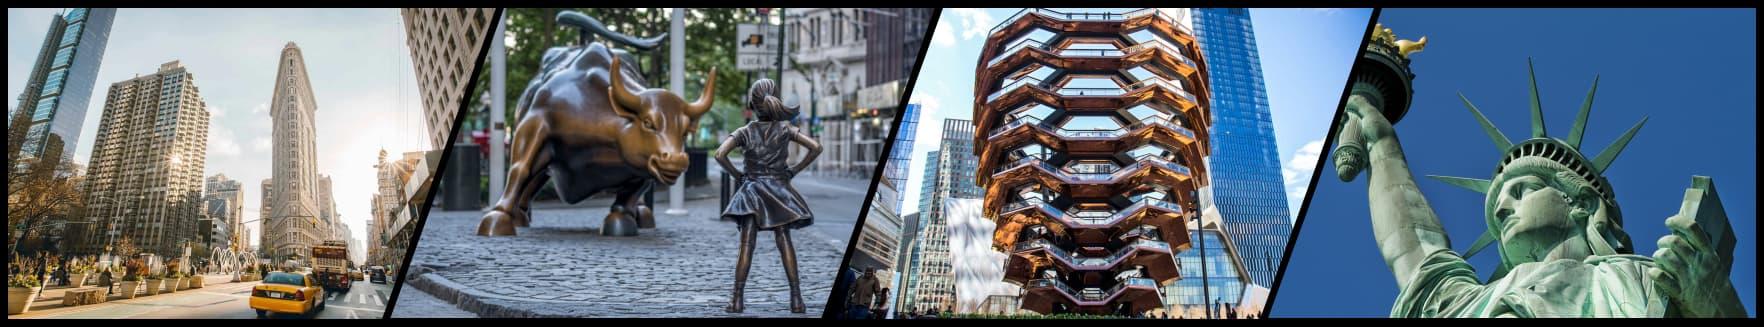 New York - New Orleans D3